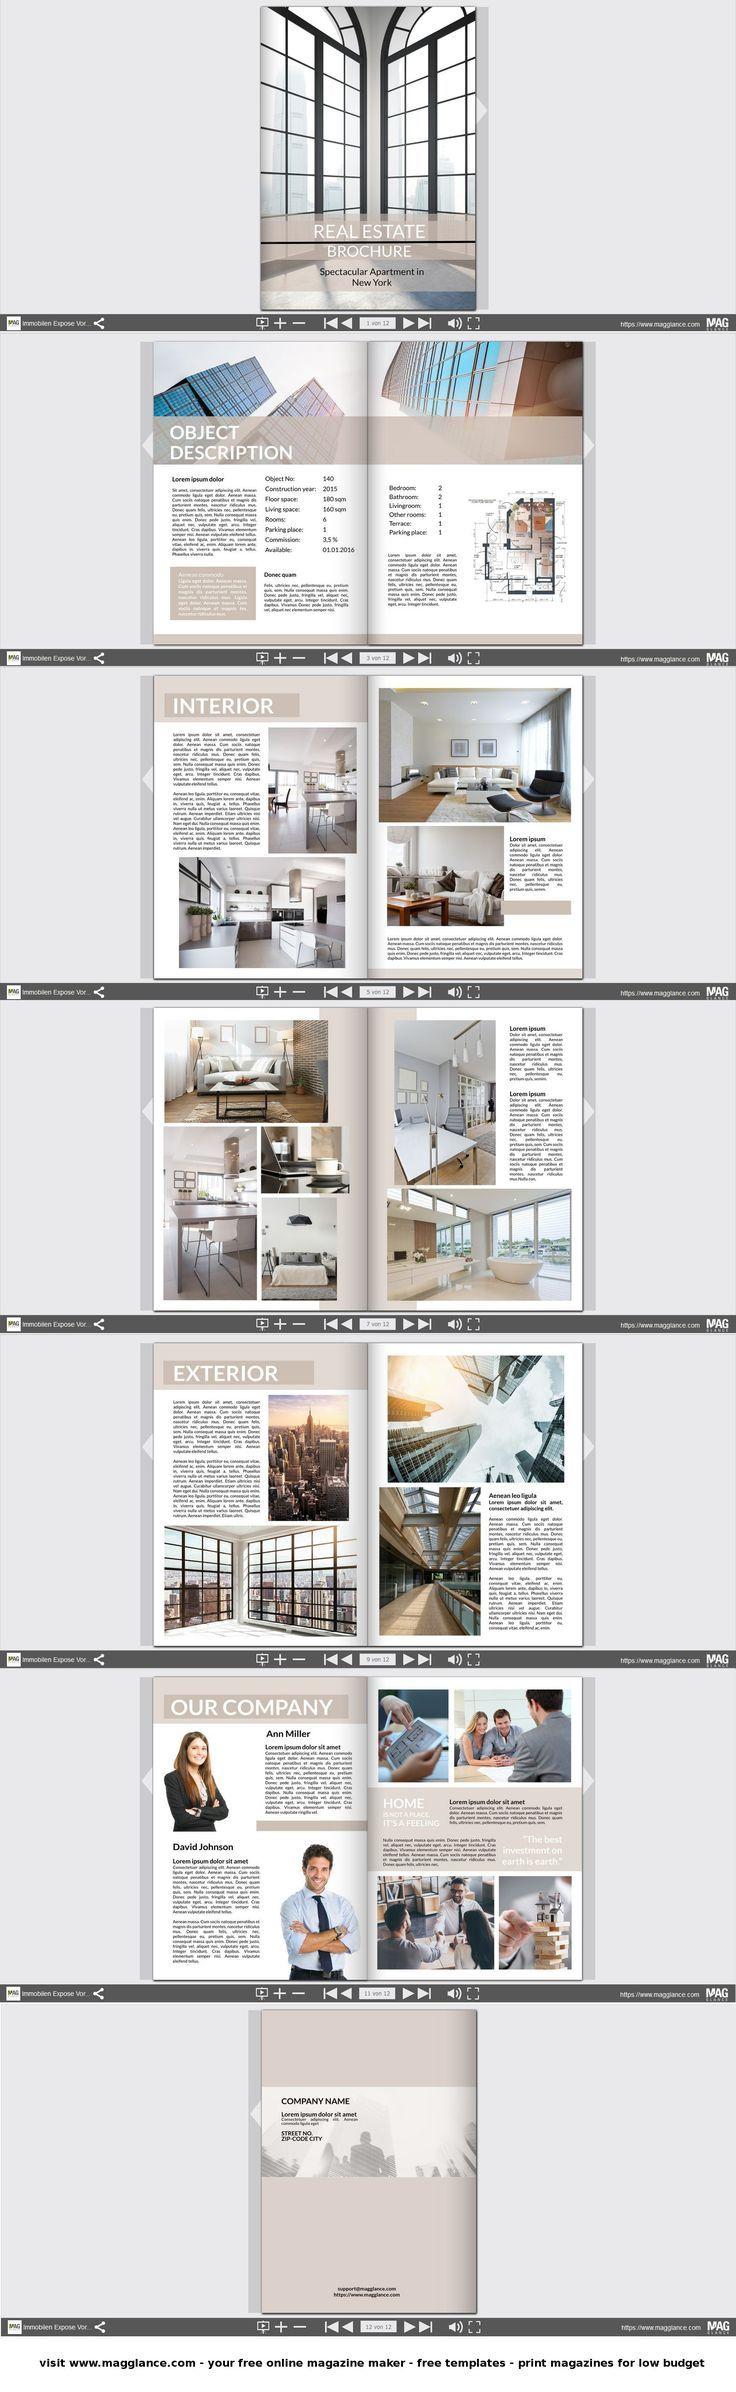 Immobilien Expose Kostenlos Online Erstellen Und Gunstig Drucken Unter De Maggl Hautpflege Demaggl Drucken Er Expose Immobilien Immobilien Broschure